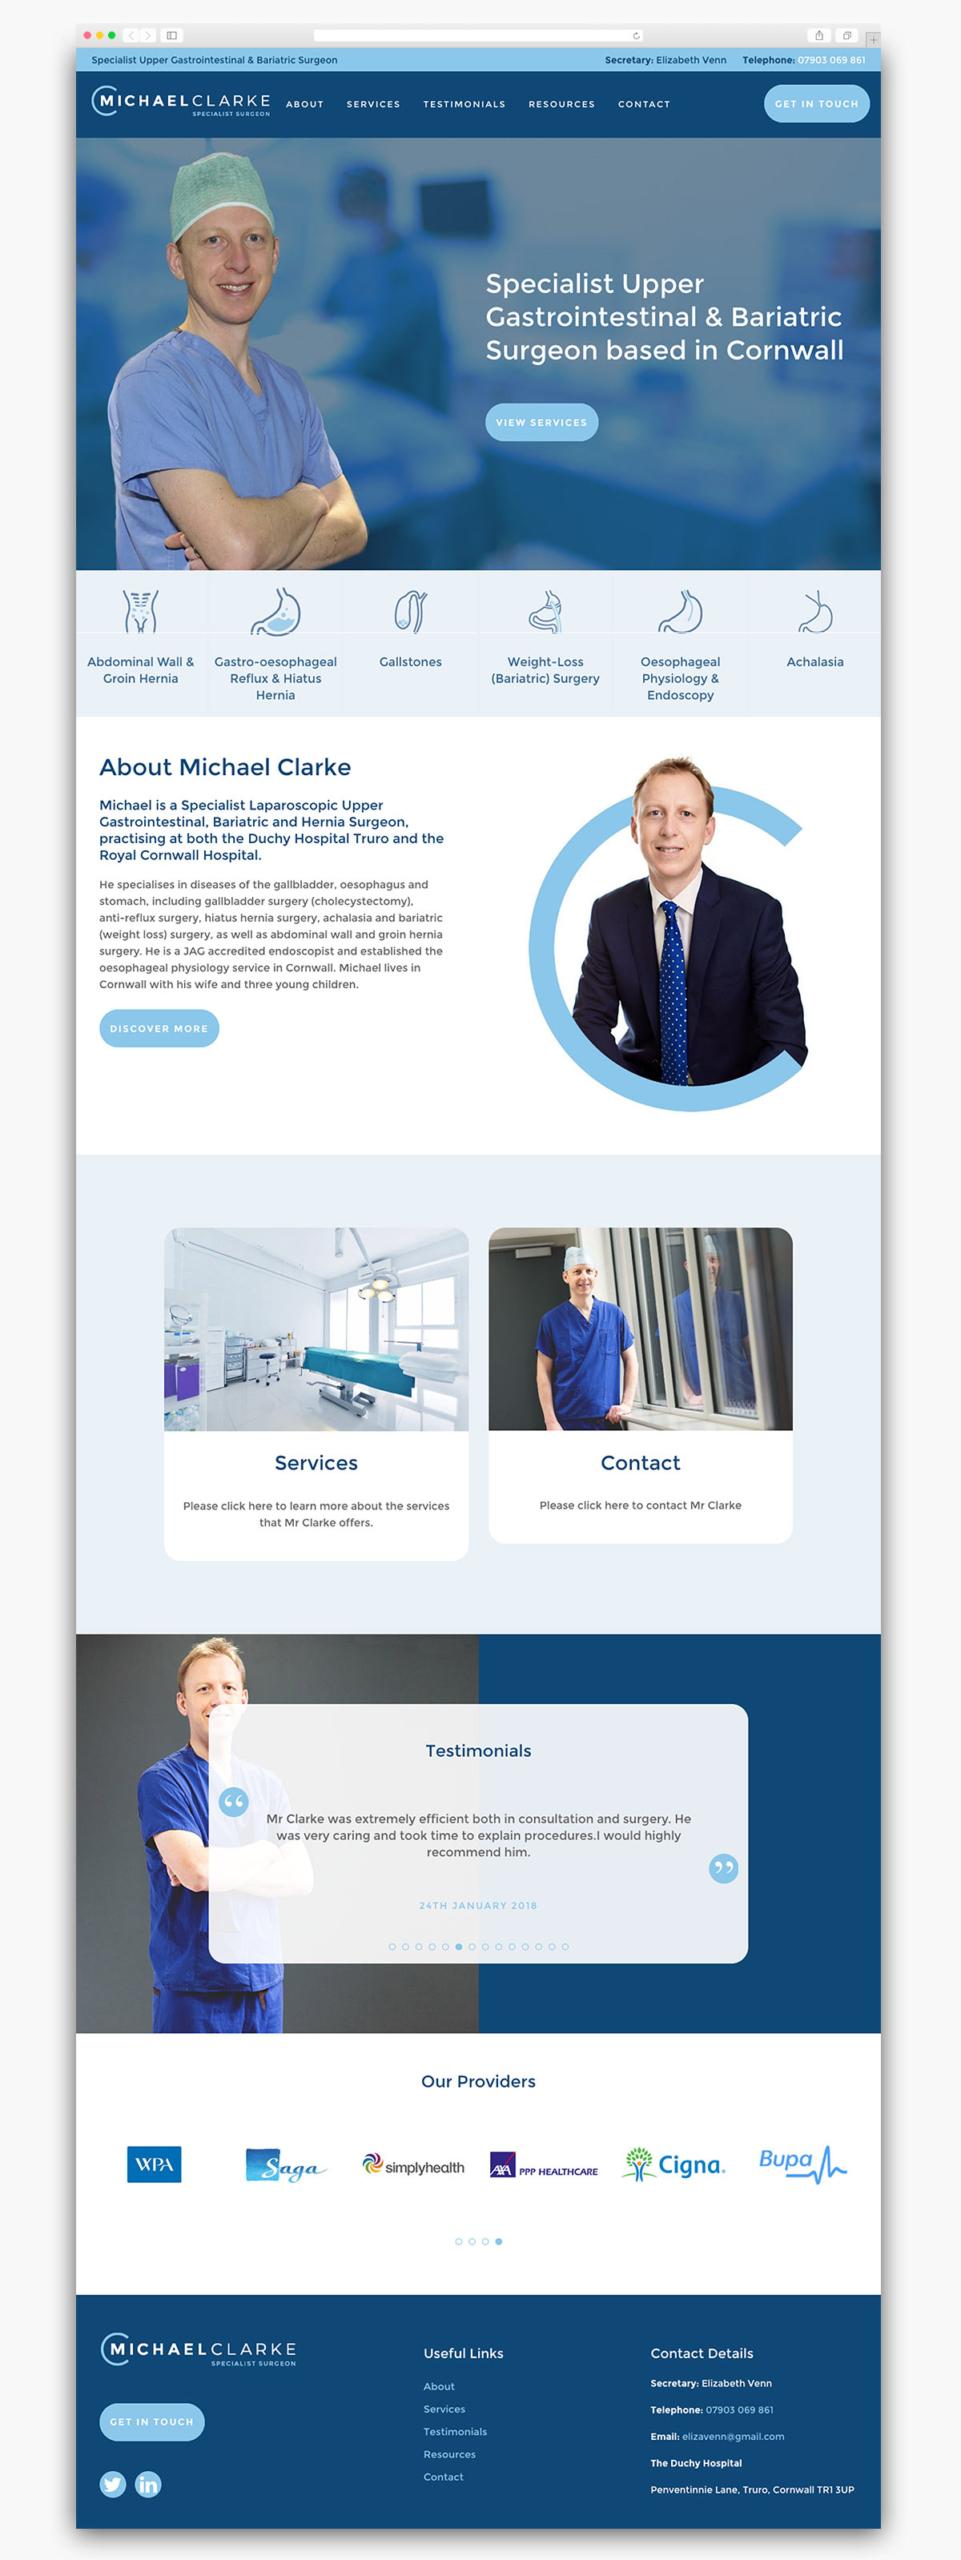 Michael Clarke Homepage Website Design